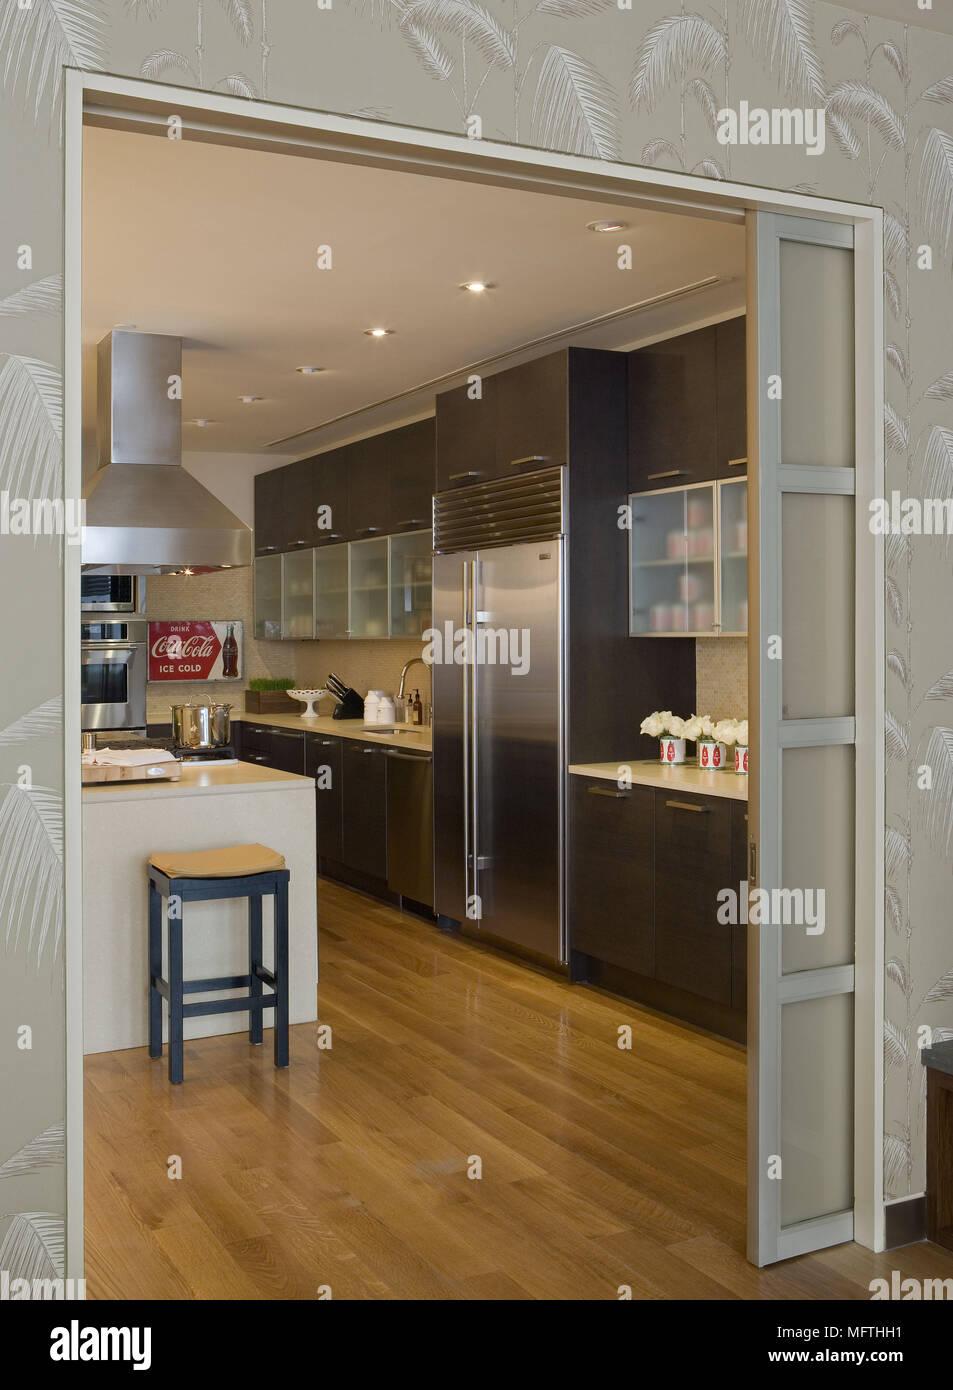 Vista attraverso aprire la porta scorrevole di cucina ...